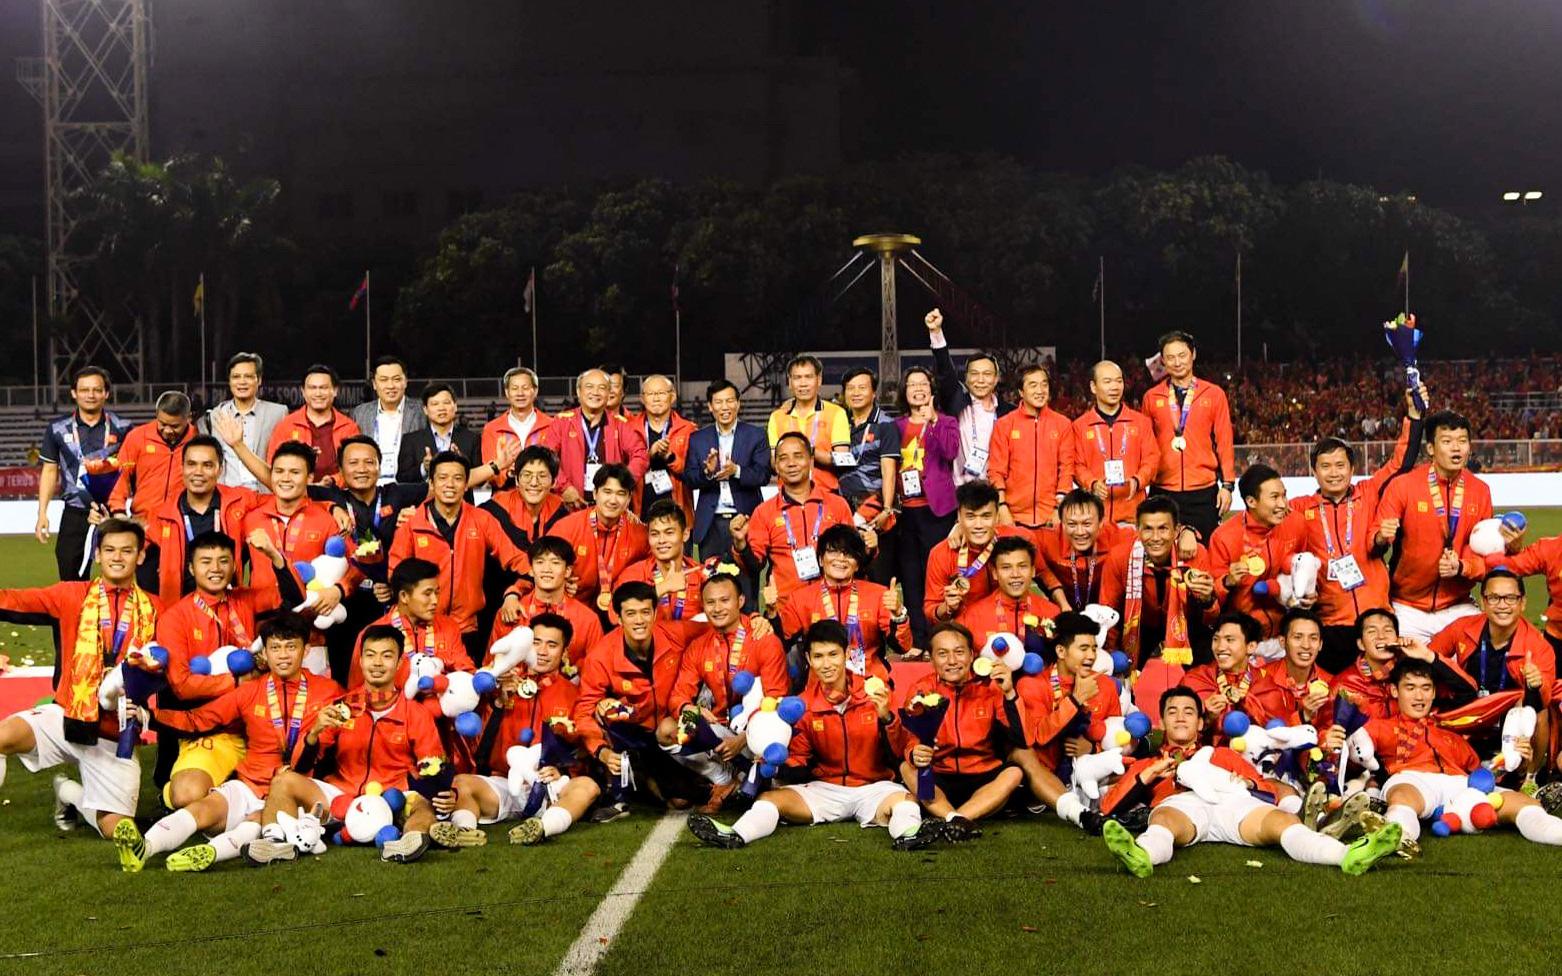 Thứ trưởng Bộ VHTTDL, Chủ tịch Liên đoàn Bóng đá Việt Nam Lê Khánh Hải: Các cầu thủ đã thể hiện được khát vọng, ý chí, tinh thần Việt Nam